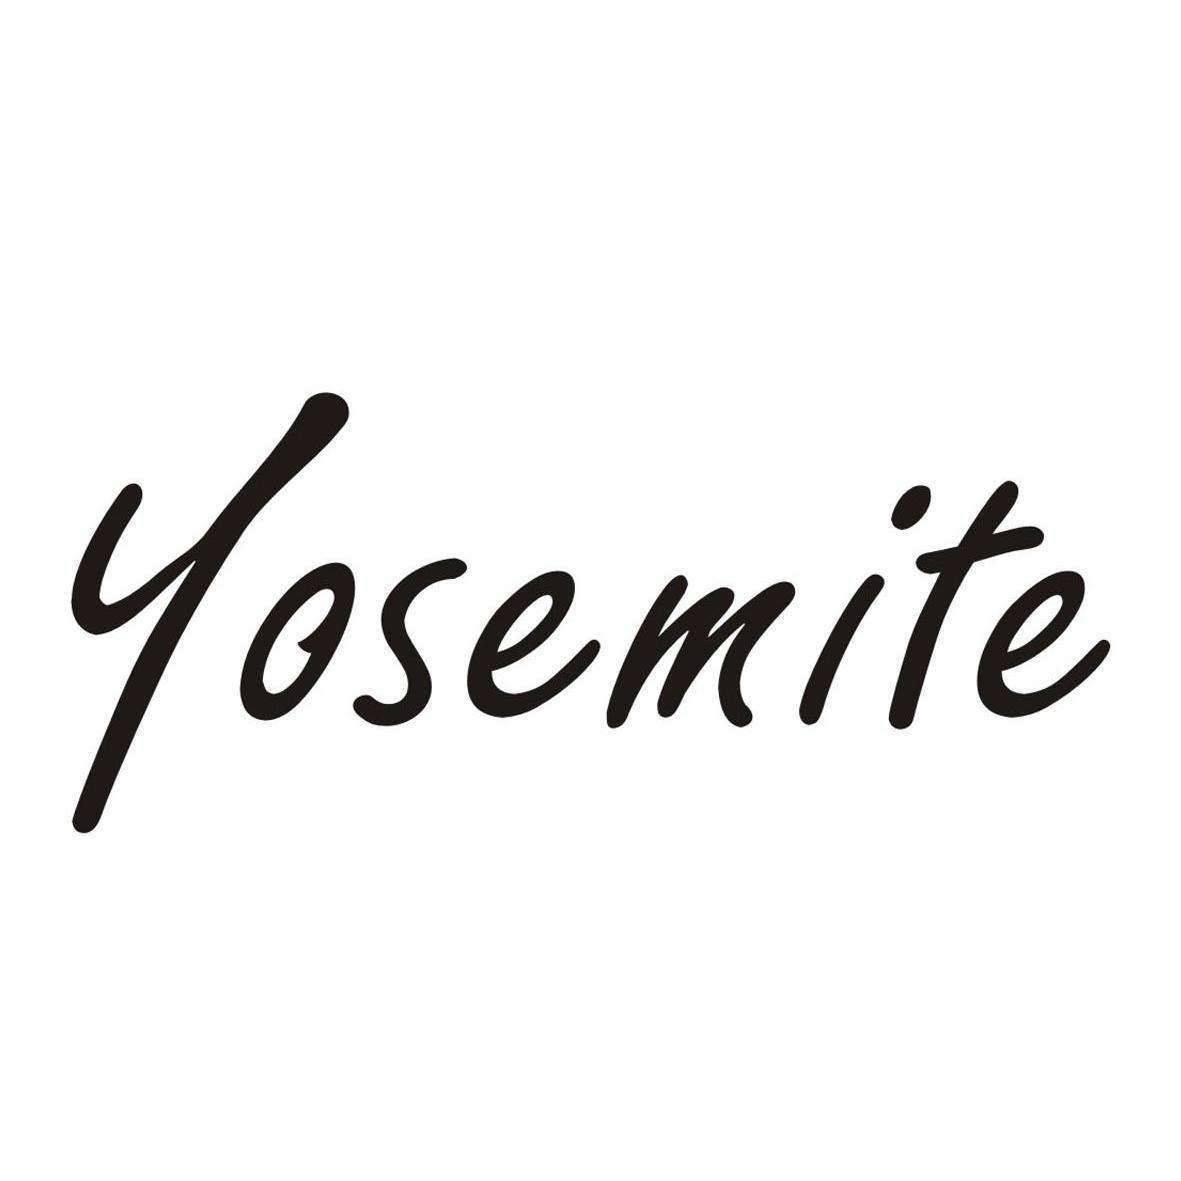 YOSEMITE商标转让